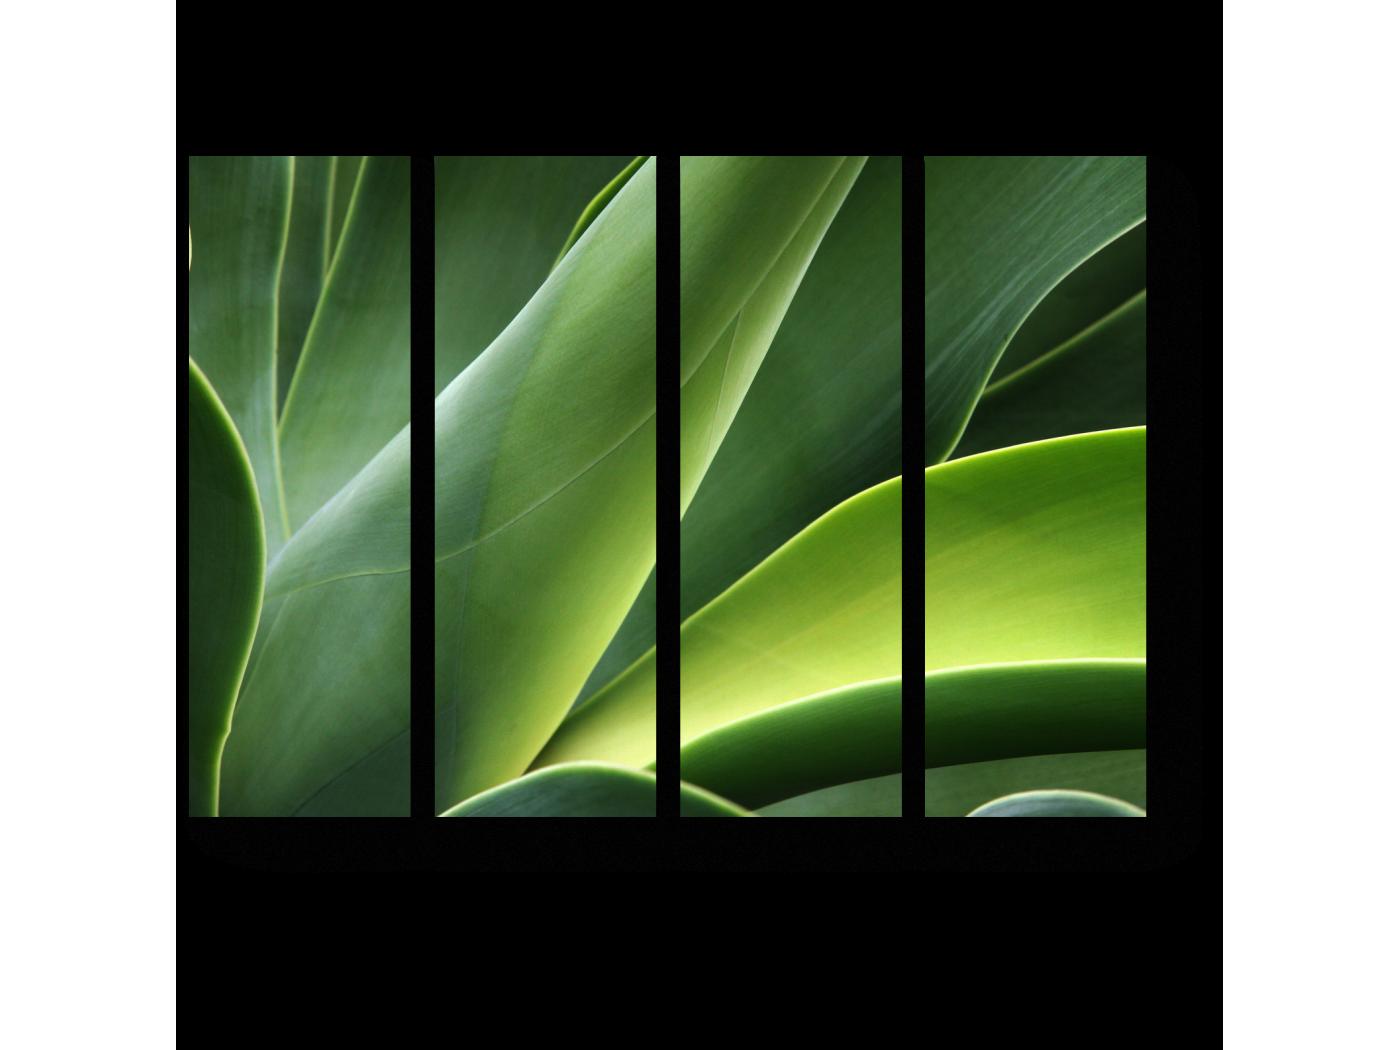 Модульная картина Алоэ (60x45) фото